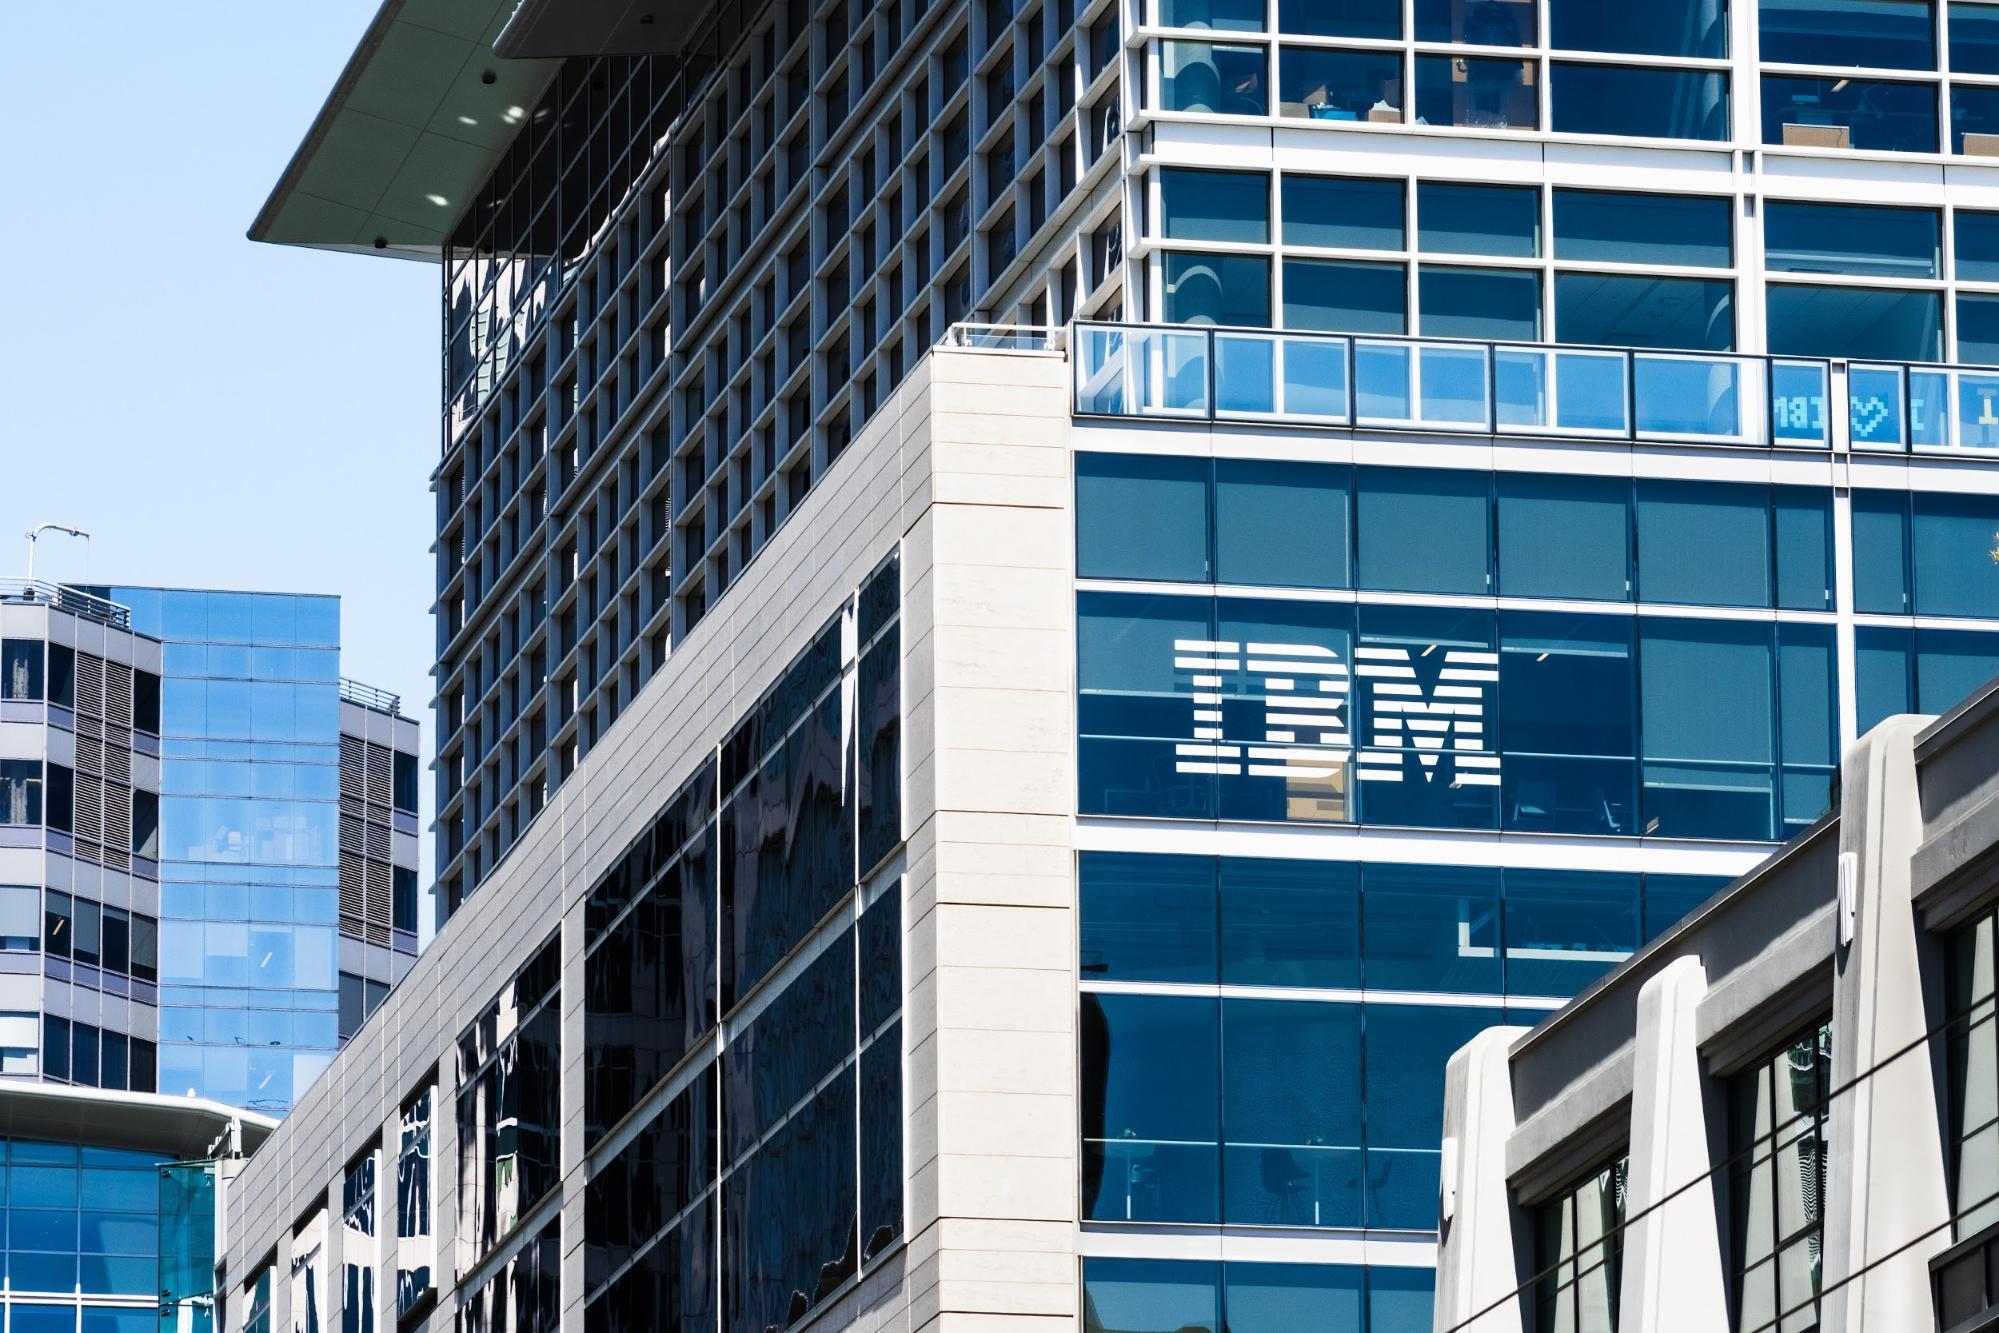 IBM internship: IBM building